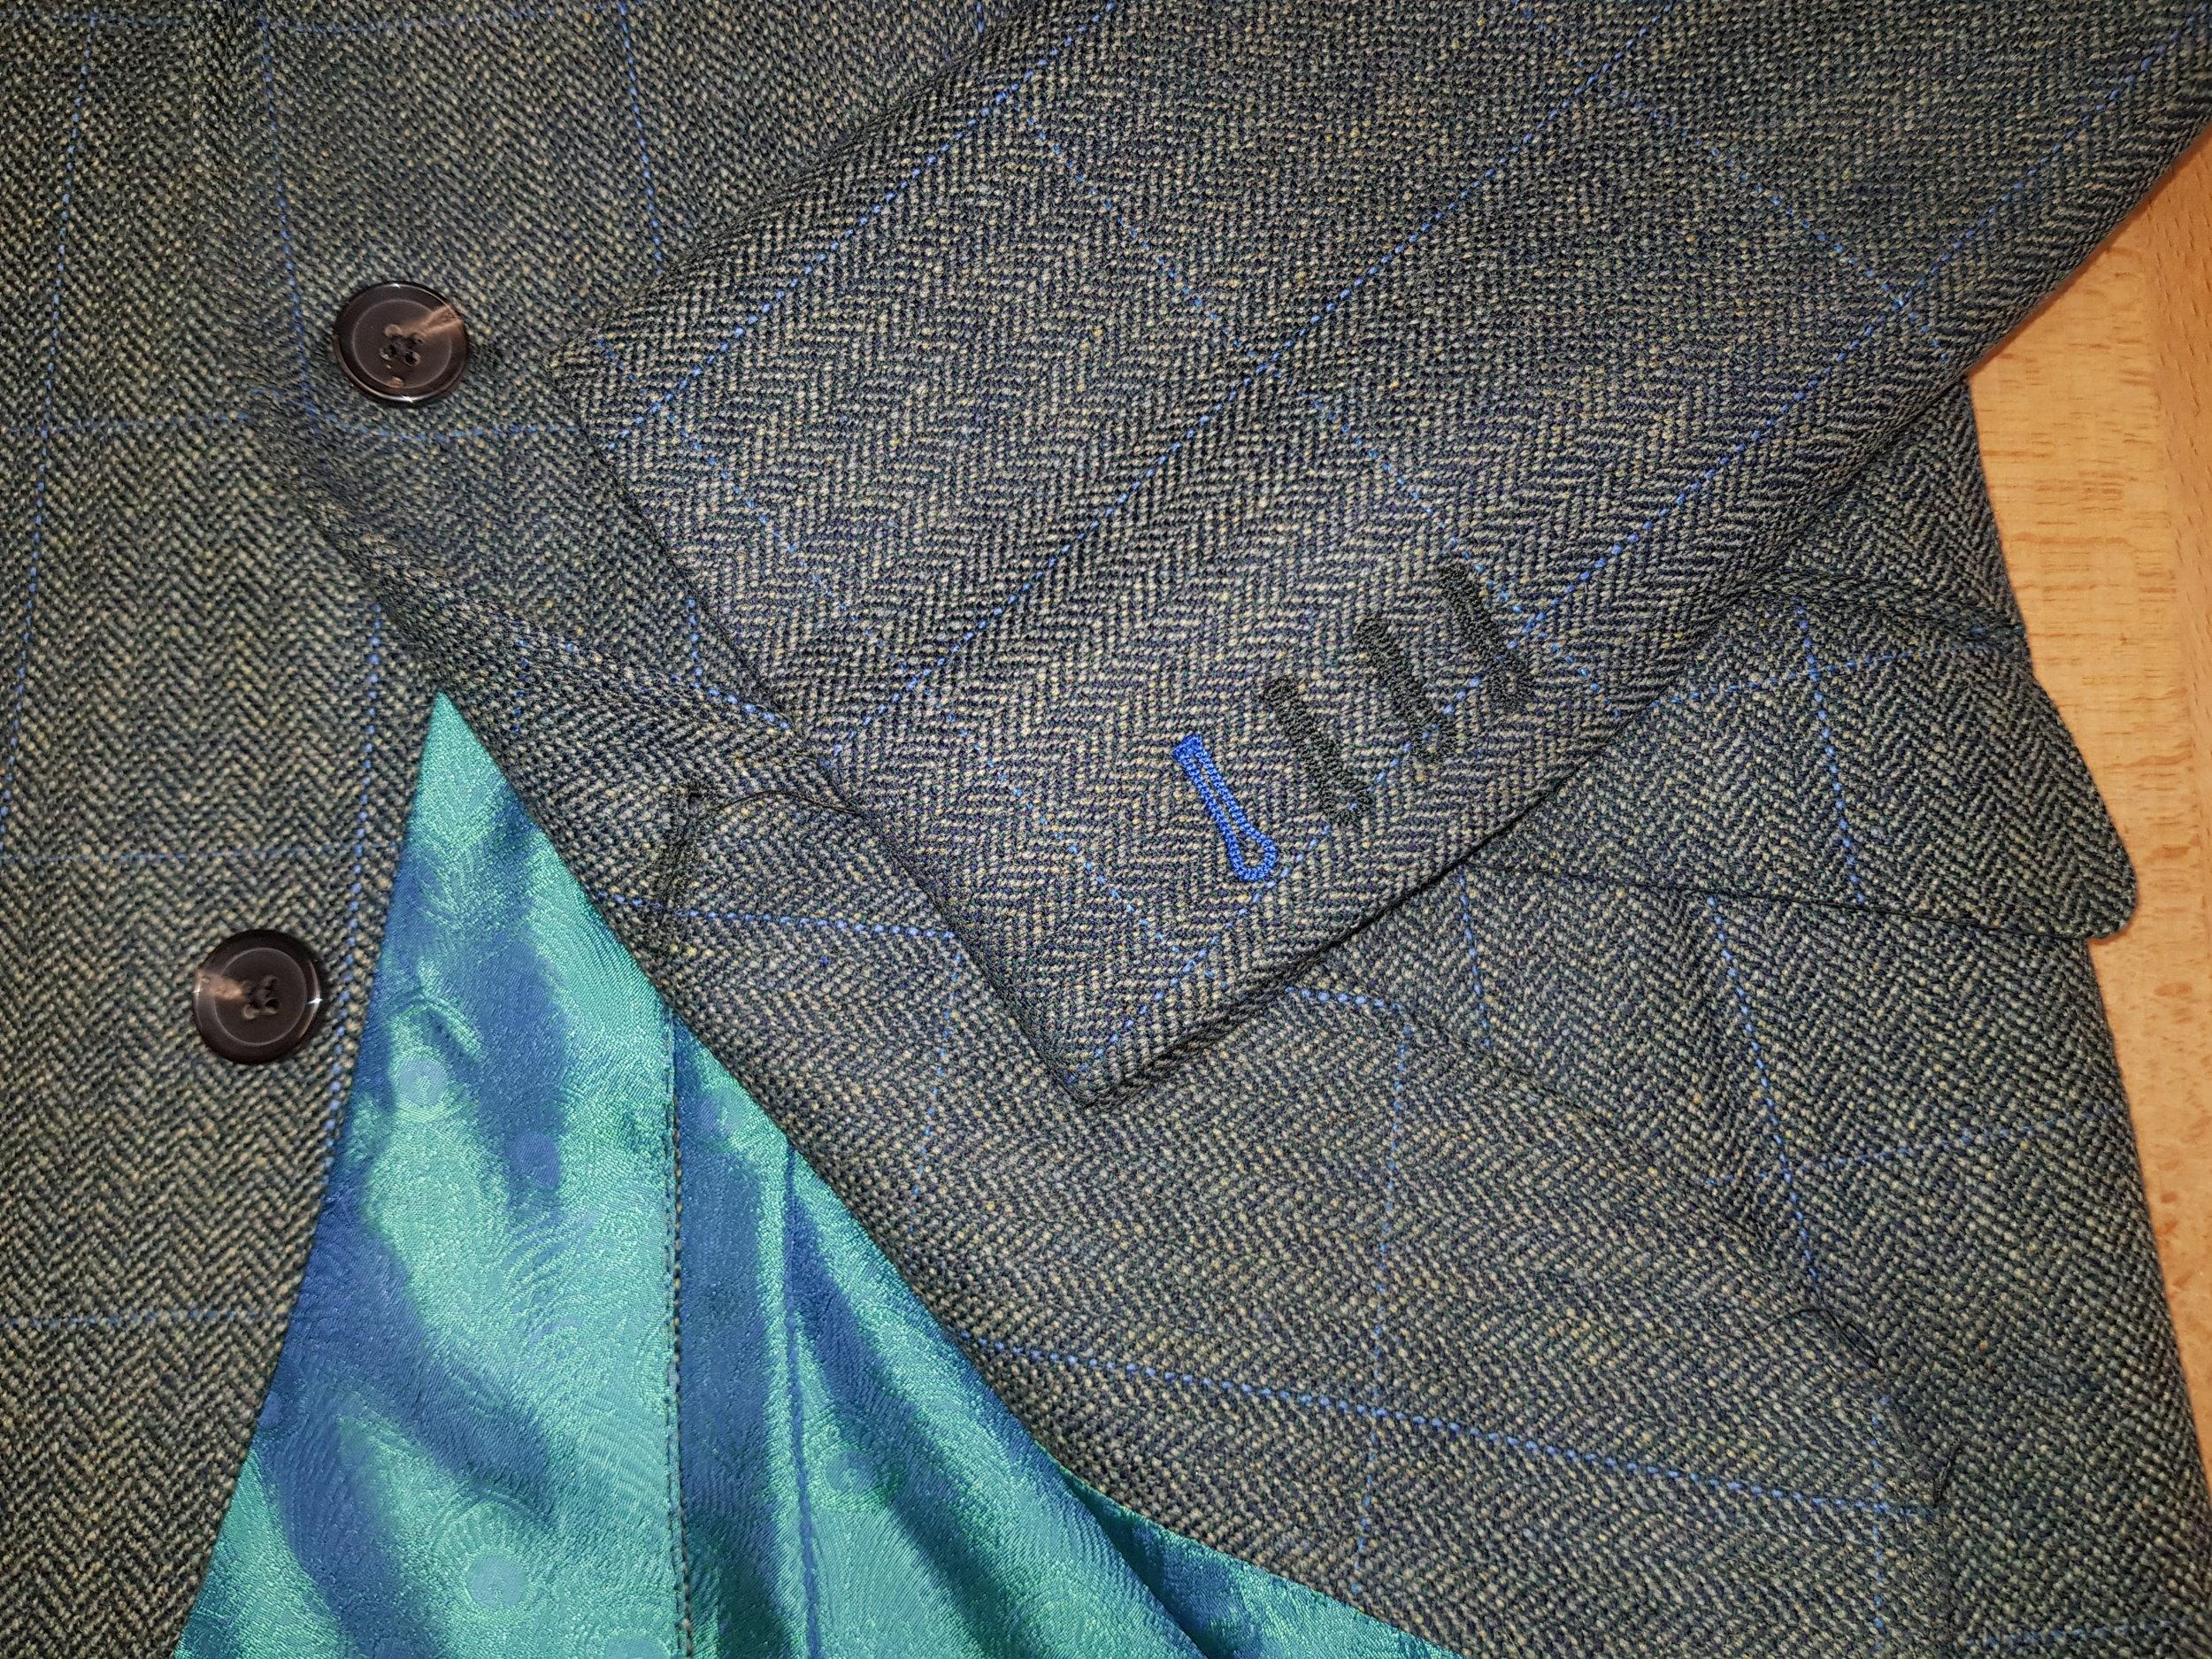 3 Piece Herringbone and check tweed suit (19).jpg